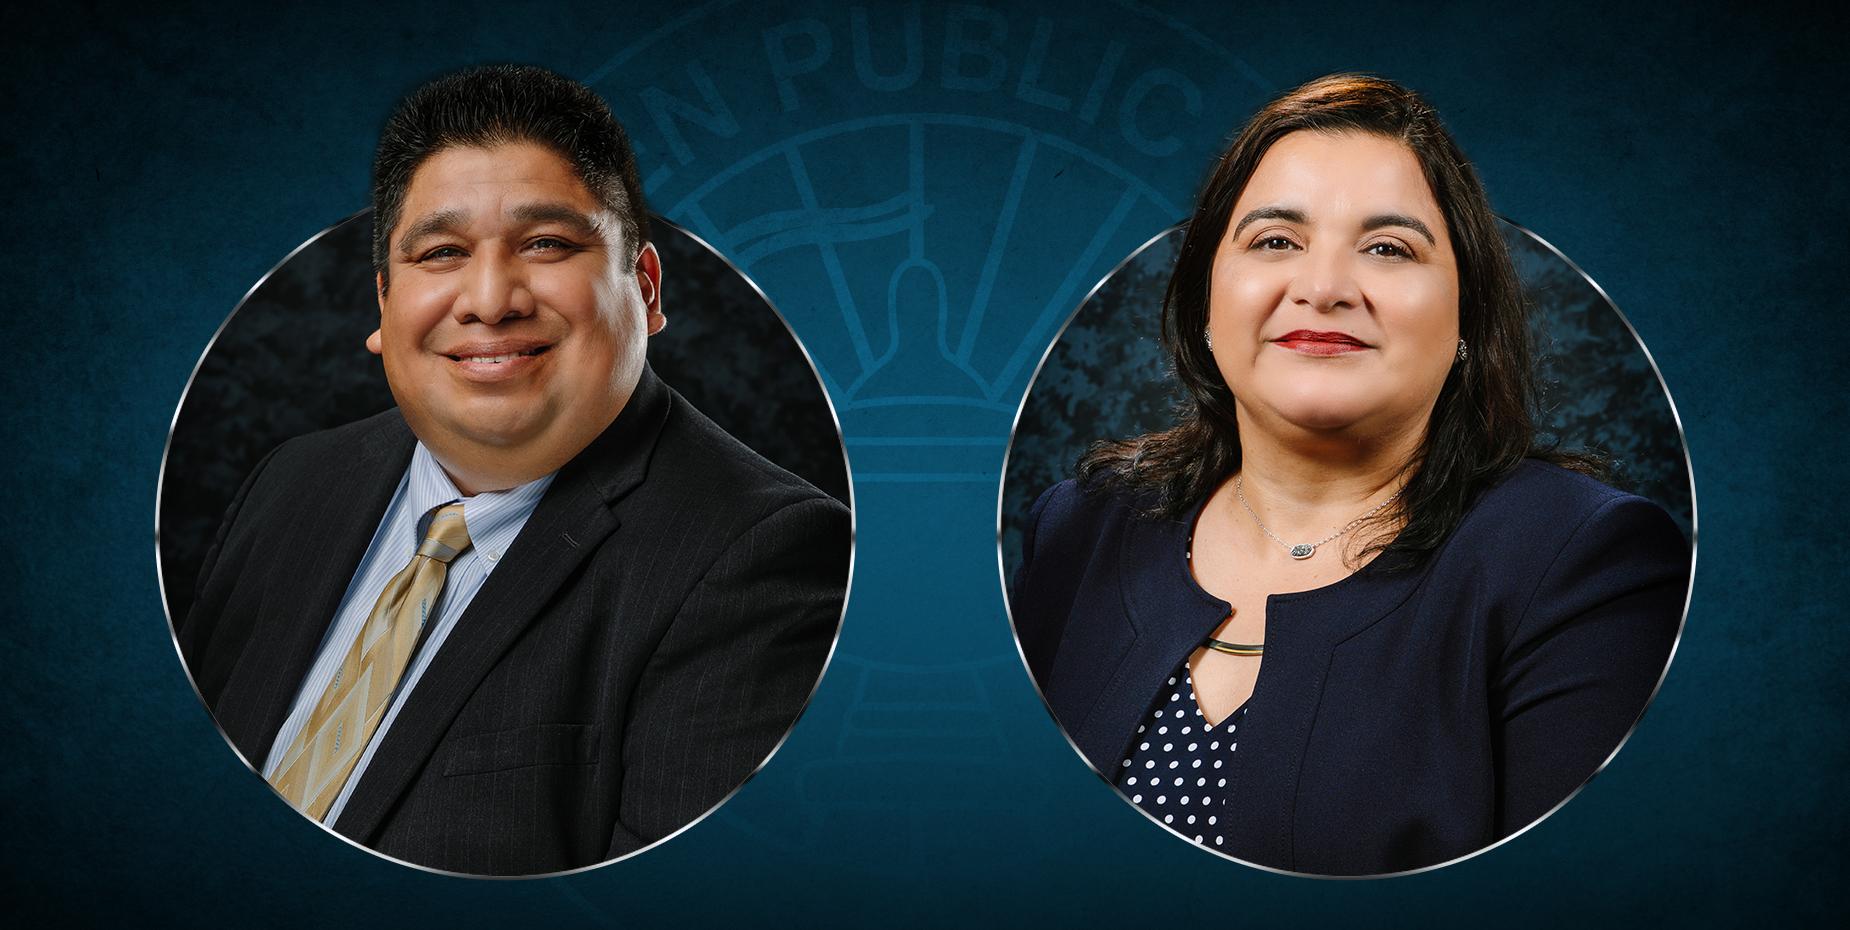 Los administradores para la Secundaria Vela y la Primaria Crocket han sido nombrados.